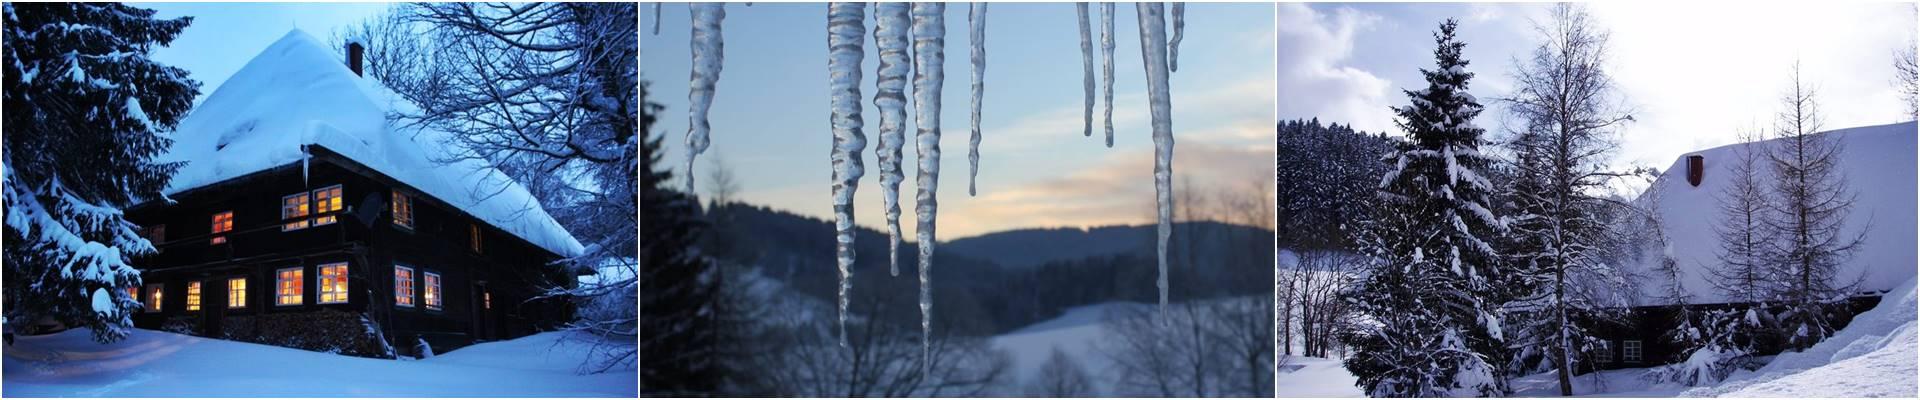 das-Ferienhaus-Haeusle-von-aussen-im-wintergewand-schnee-eiszapfen-Griesbachhof-Schwarzwald